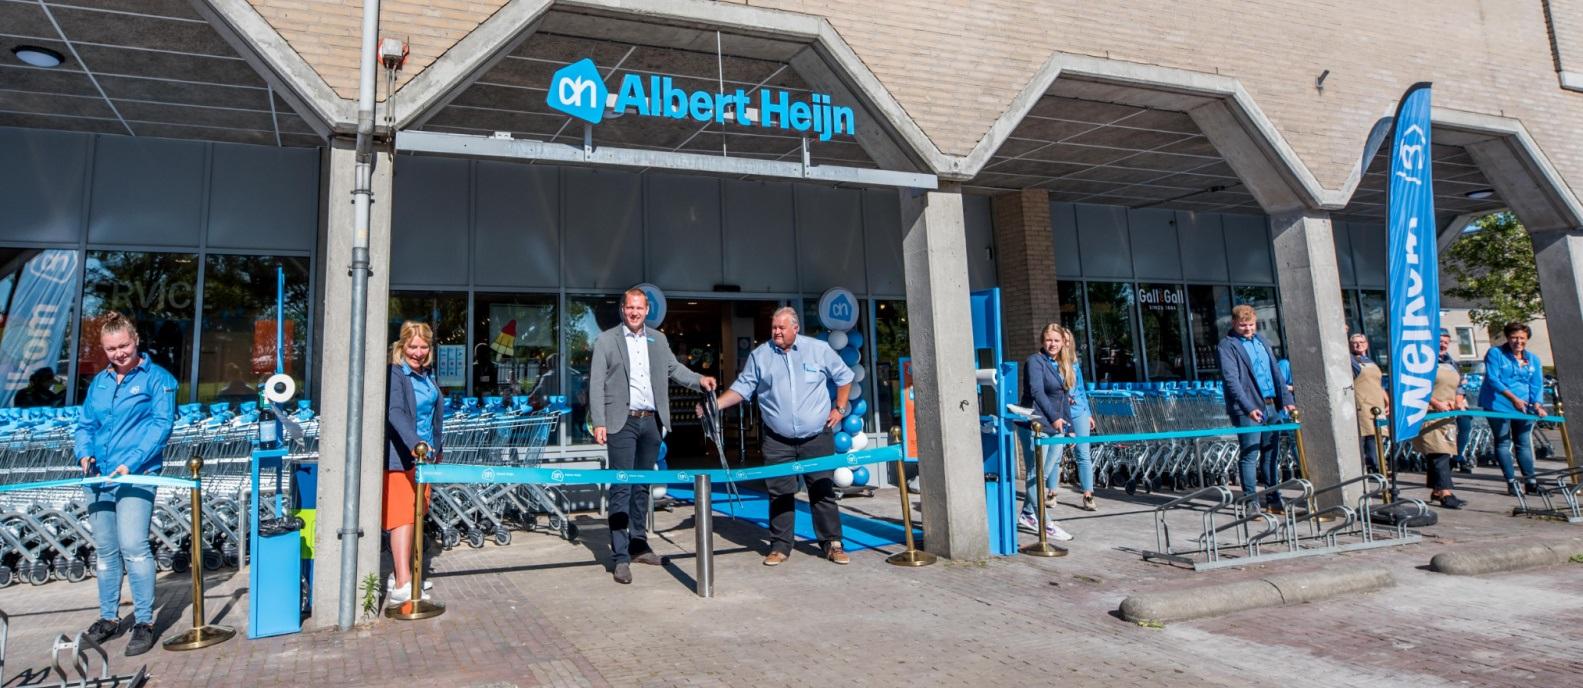 Vernieuwde Albert Heijn Schoonhoven open